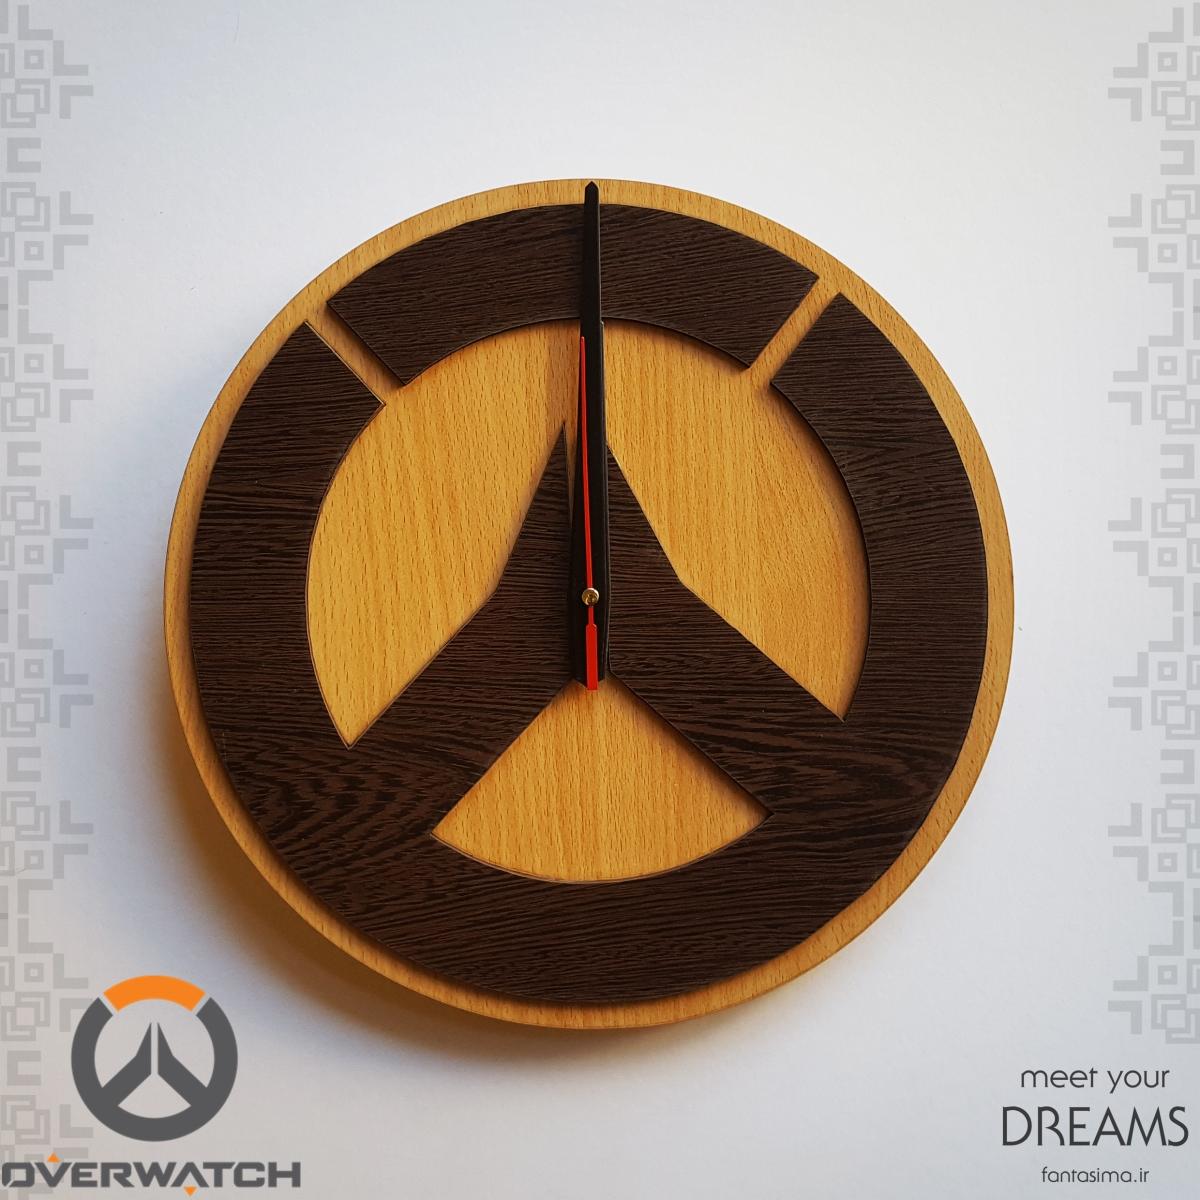 فانتزیآرت ساعت نماد اورواچ